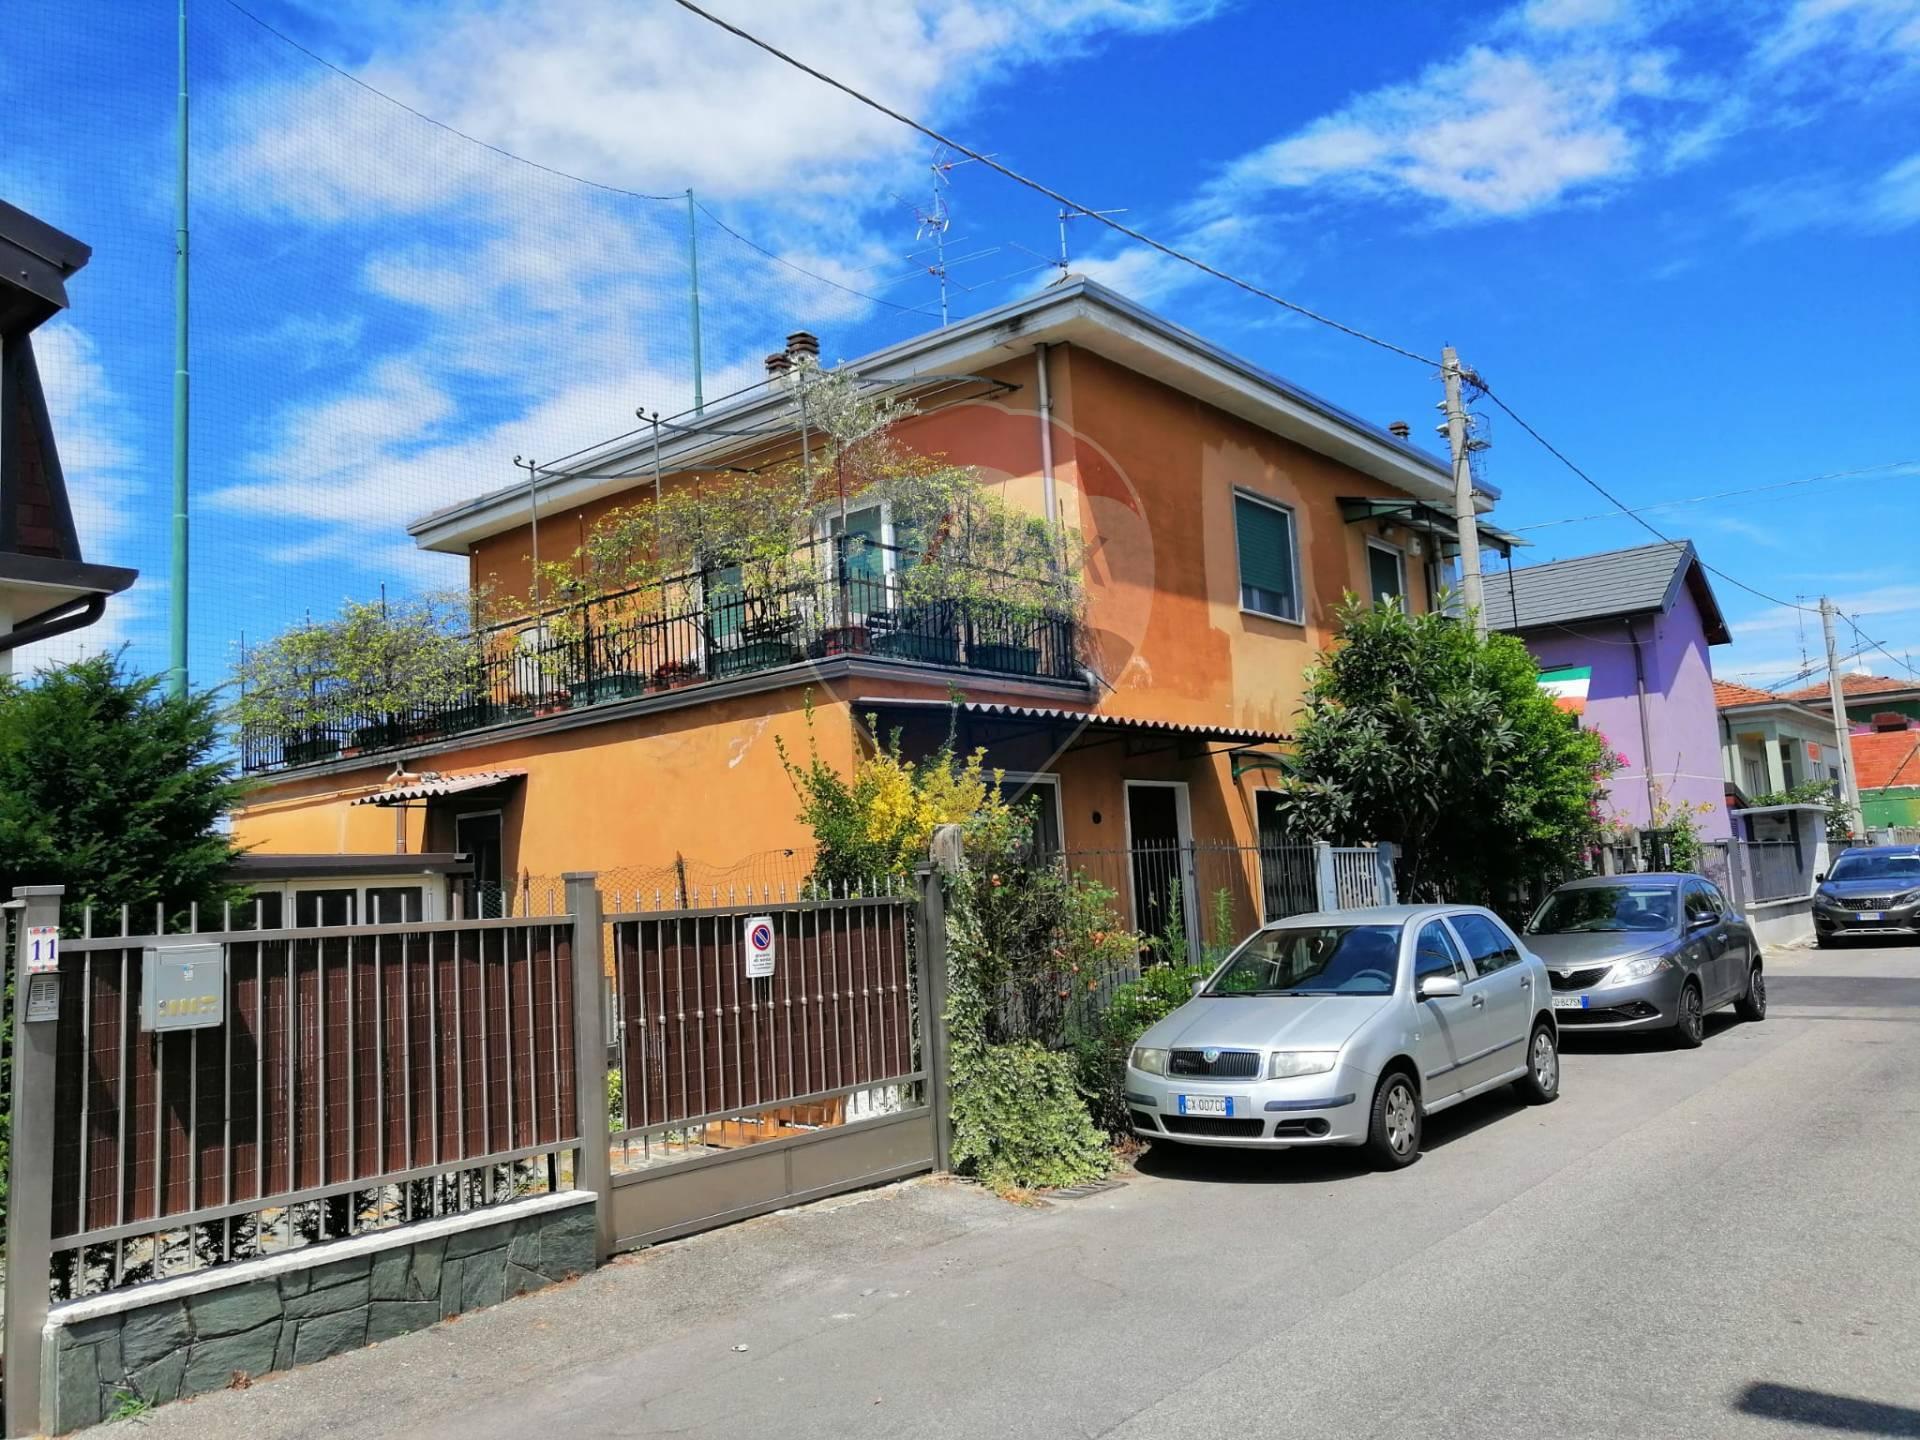 Appartamento in vendita a Lainate, 2 locali, prezzo € 125.000 | CambioCasa.it